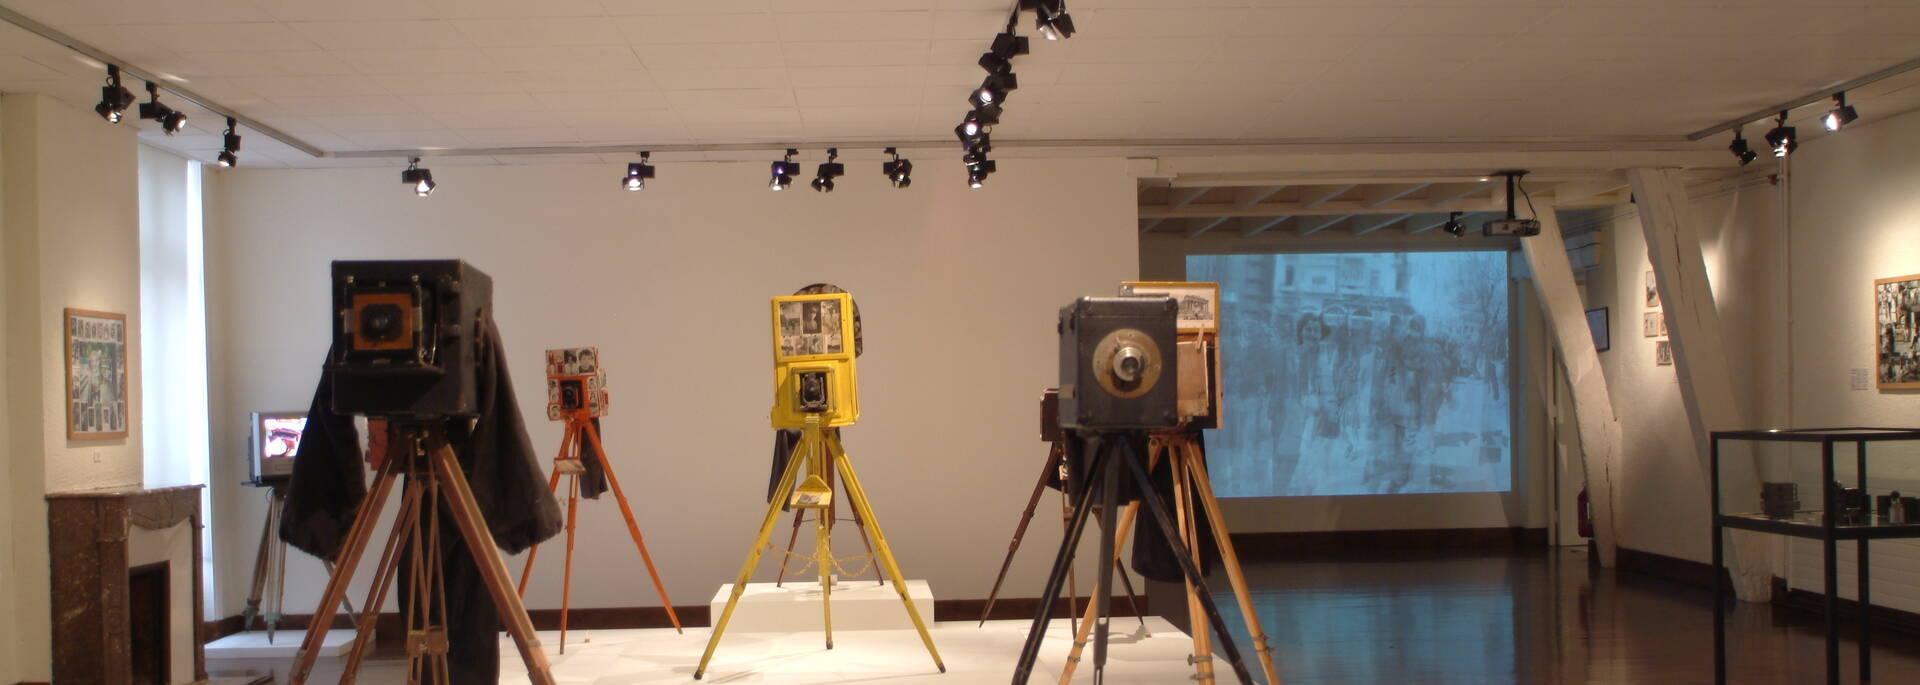 Musée Niepce intérieur